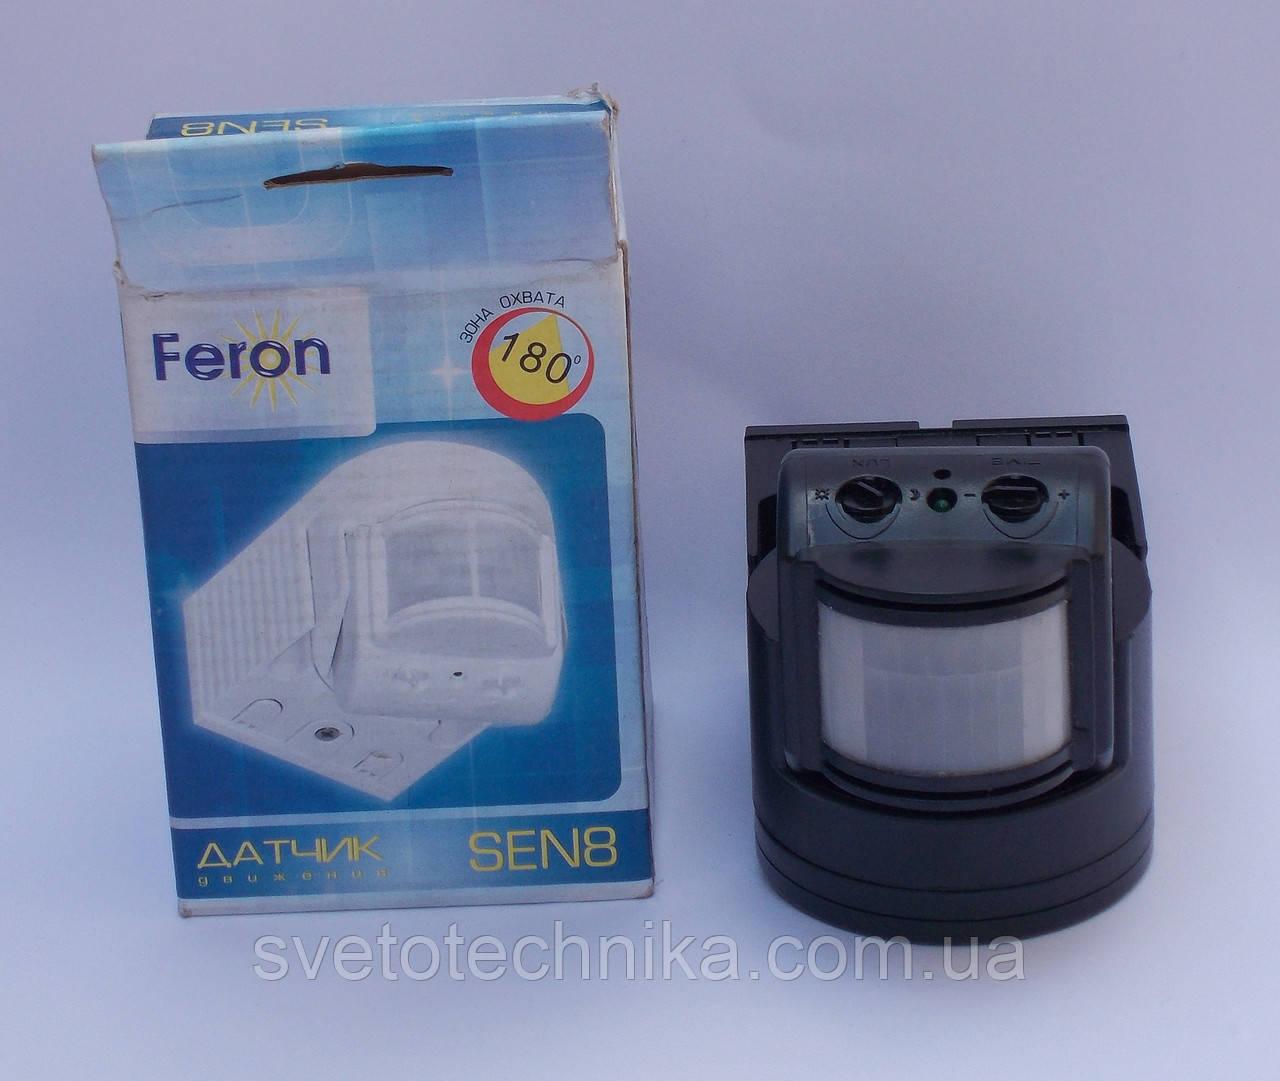 Датчик движения Feron SEN8 (чёрного цвета)